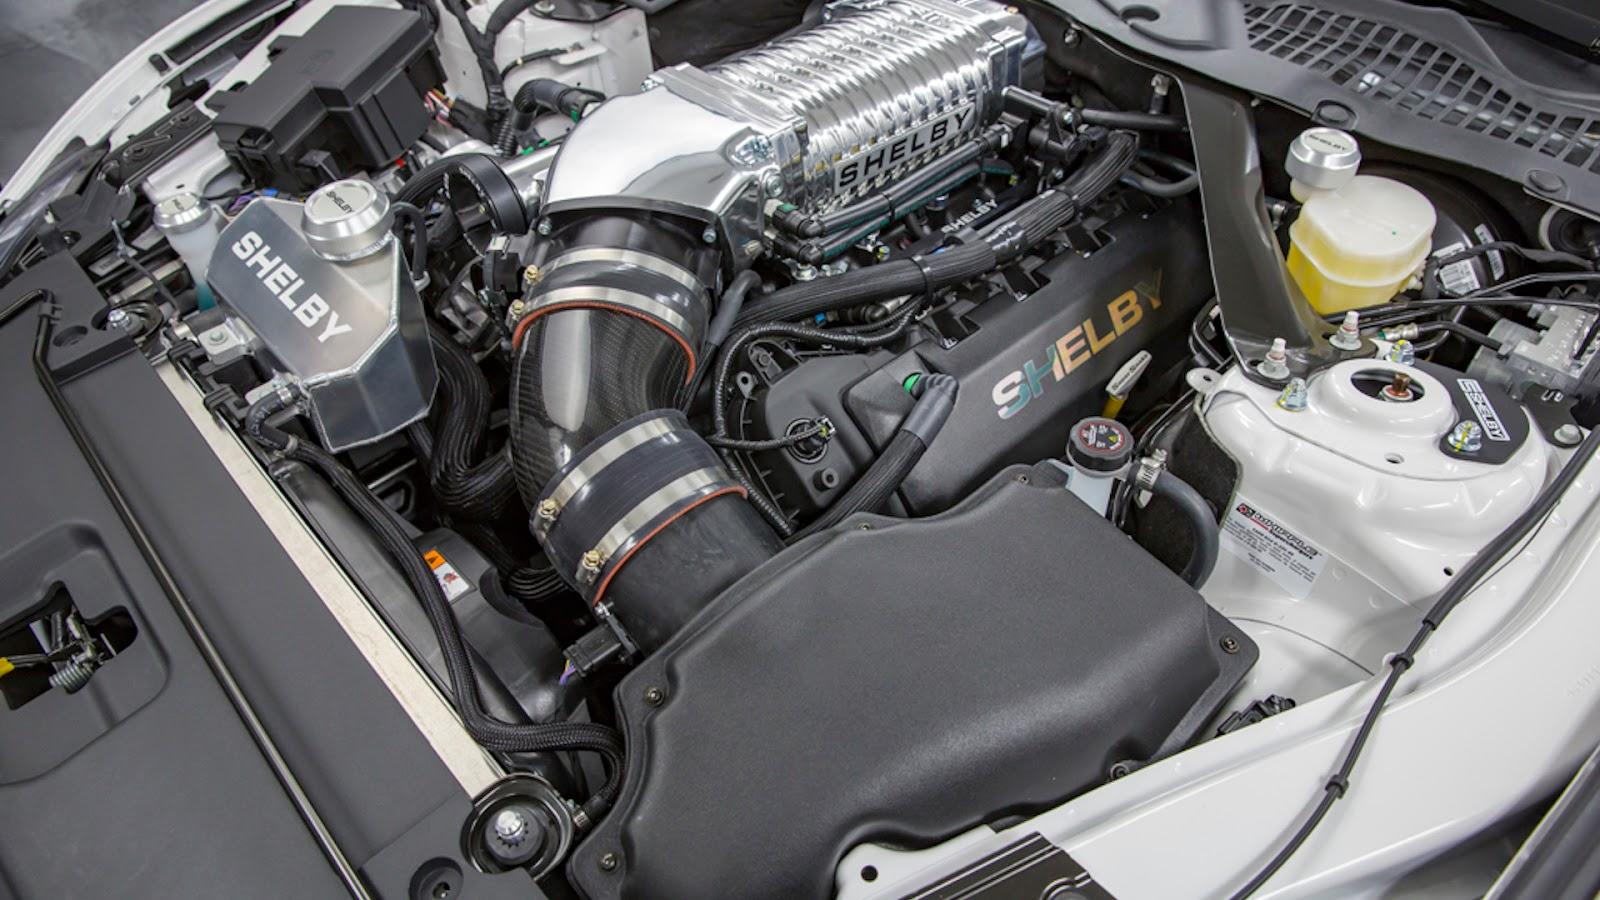 Motor do Mustang Shelby Super Snake